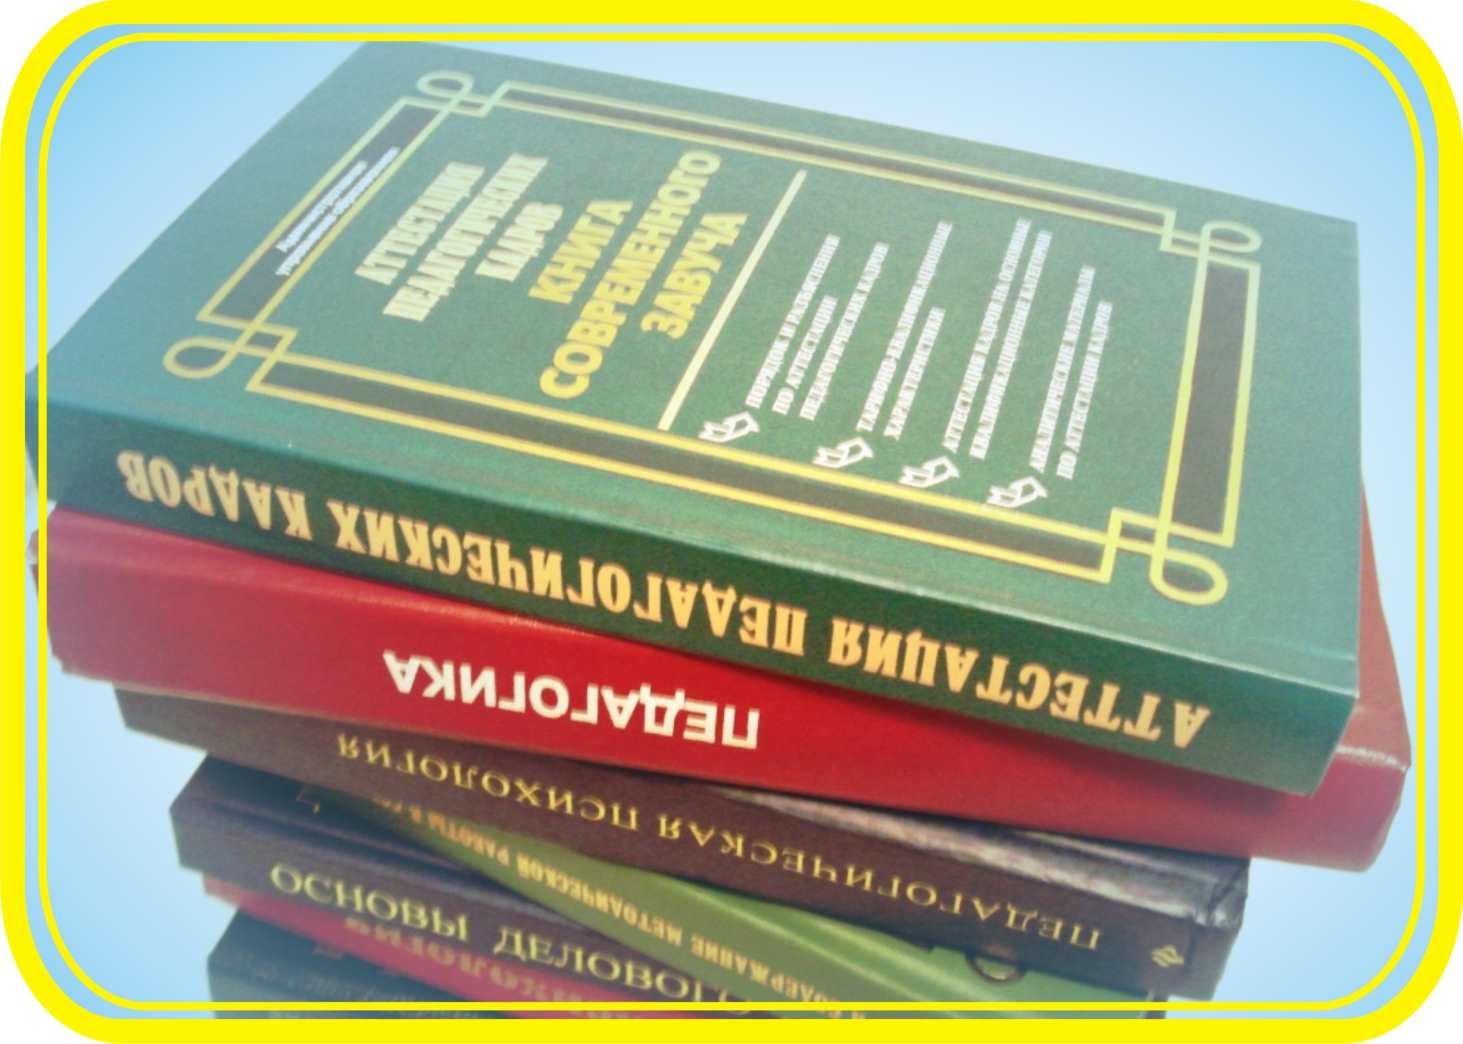 chto-takoe-sertifikatsiya-pedagogov-i-pochemu-ona-tak-vazhna